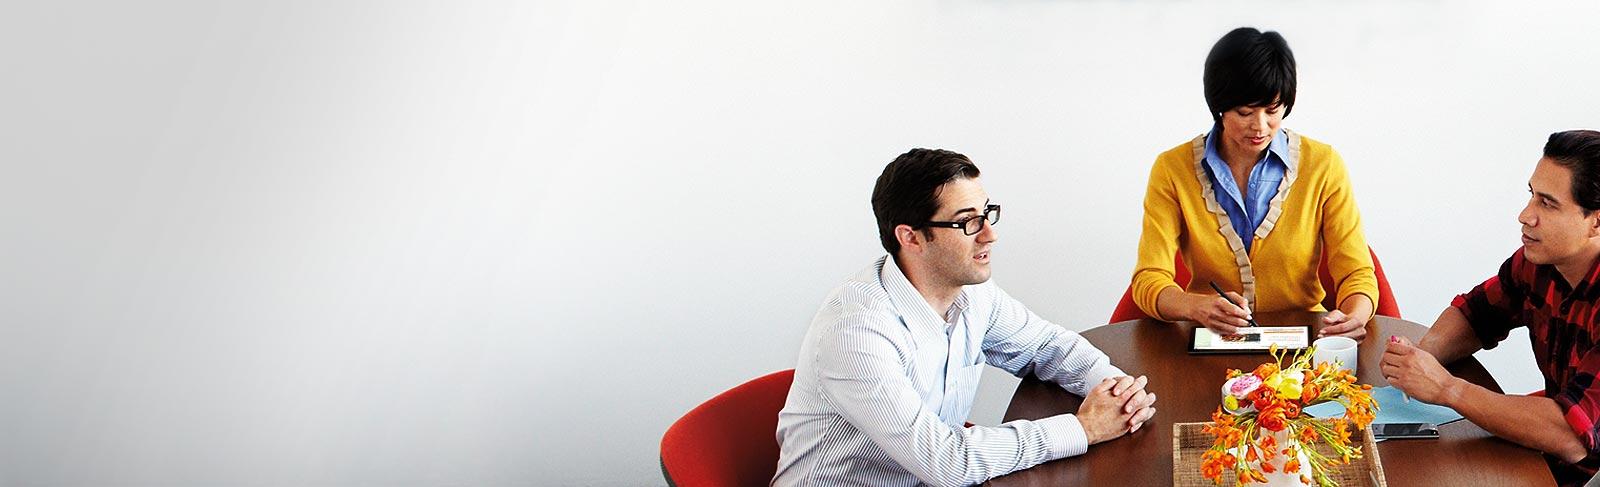 Ba người đang họp tại bàn, sử dụng Office 365 Nonprofit trên máy tính bảng và điện thoại.